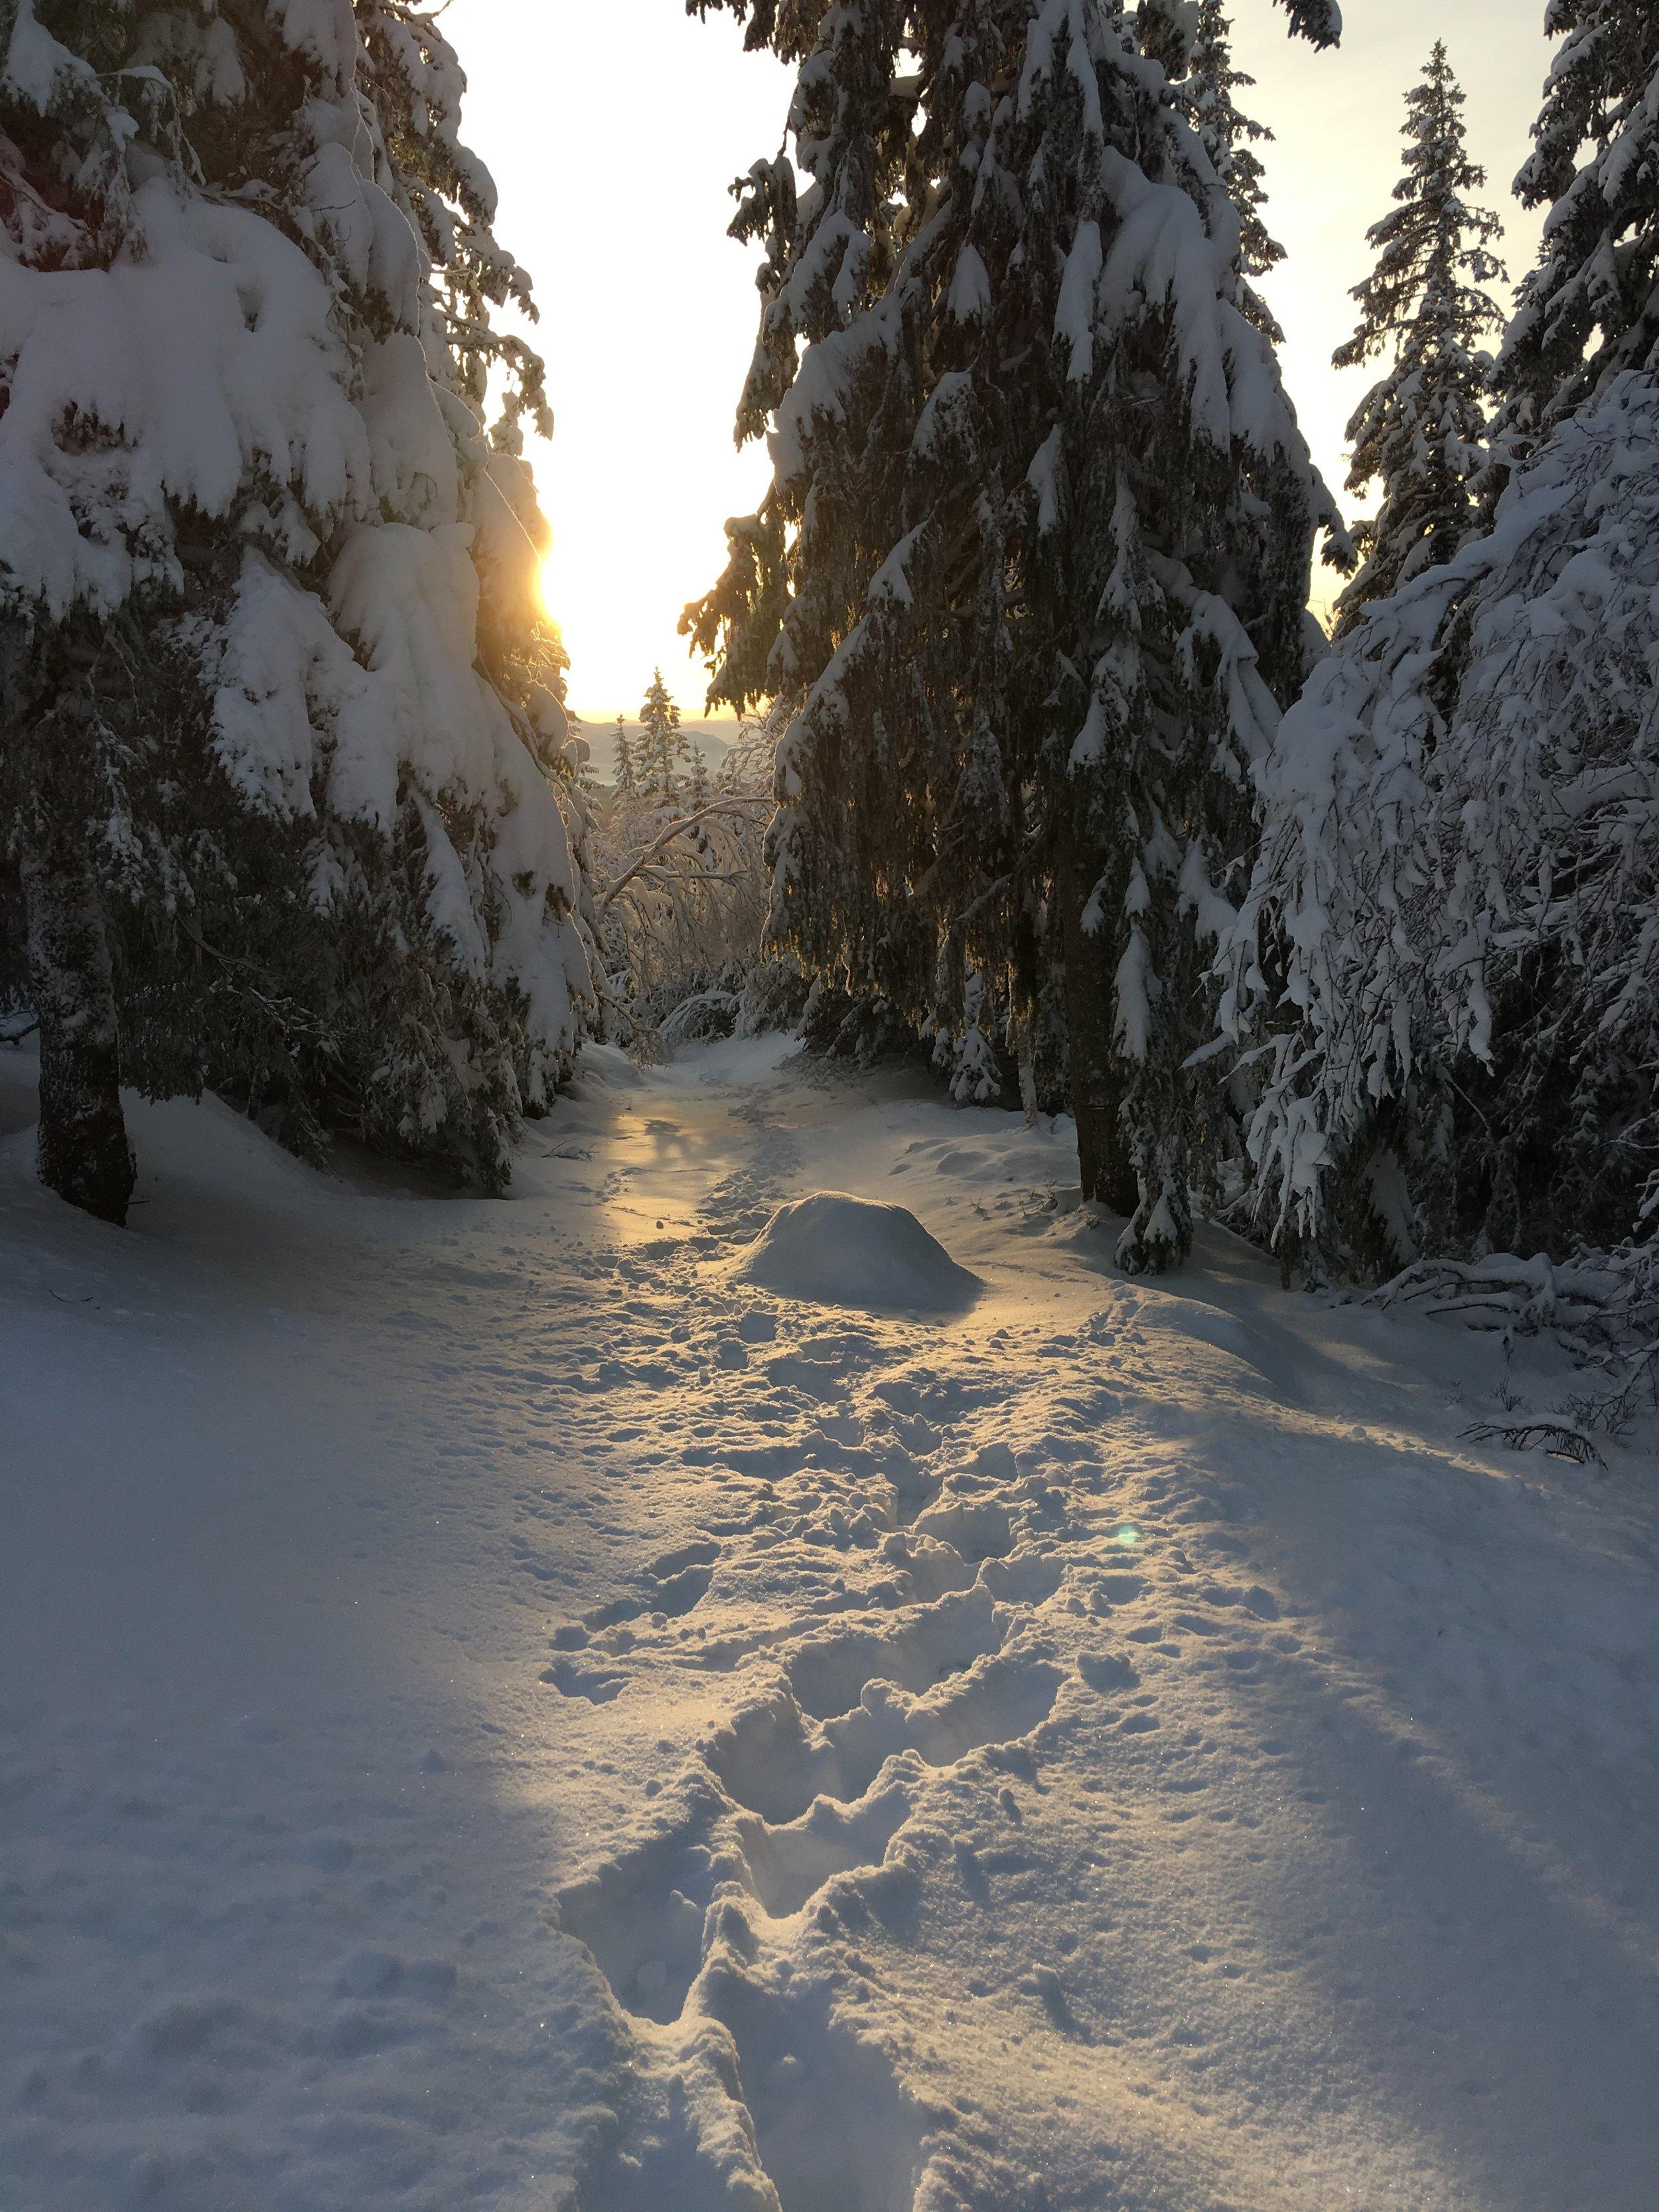 Min børn er lige nu på vej på skiferie i Norge. Billedet er fra engang i Norge - en helt anden tid, den dag havde jeg ikke ski på, men vandrede rundt i den dybe sne og prøvede at fange det bedste billede af solen mellem træerne.